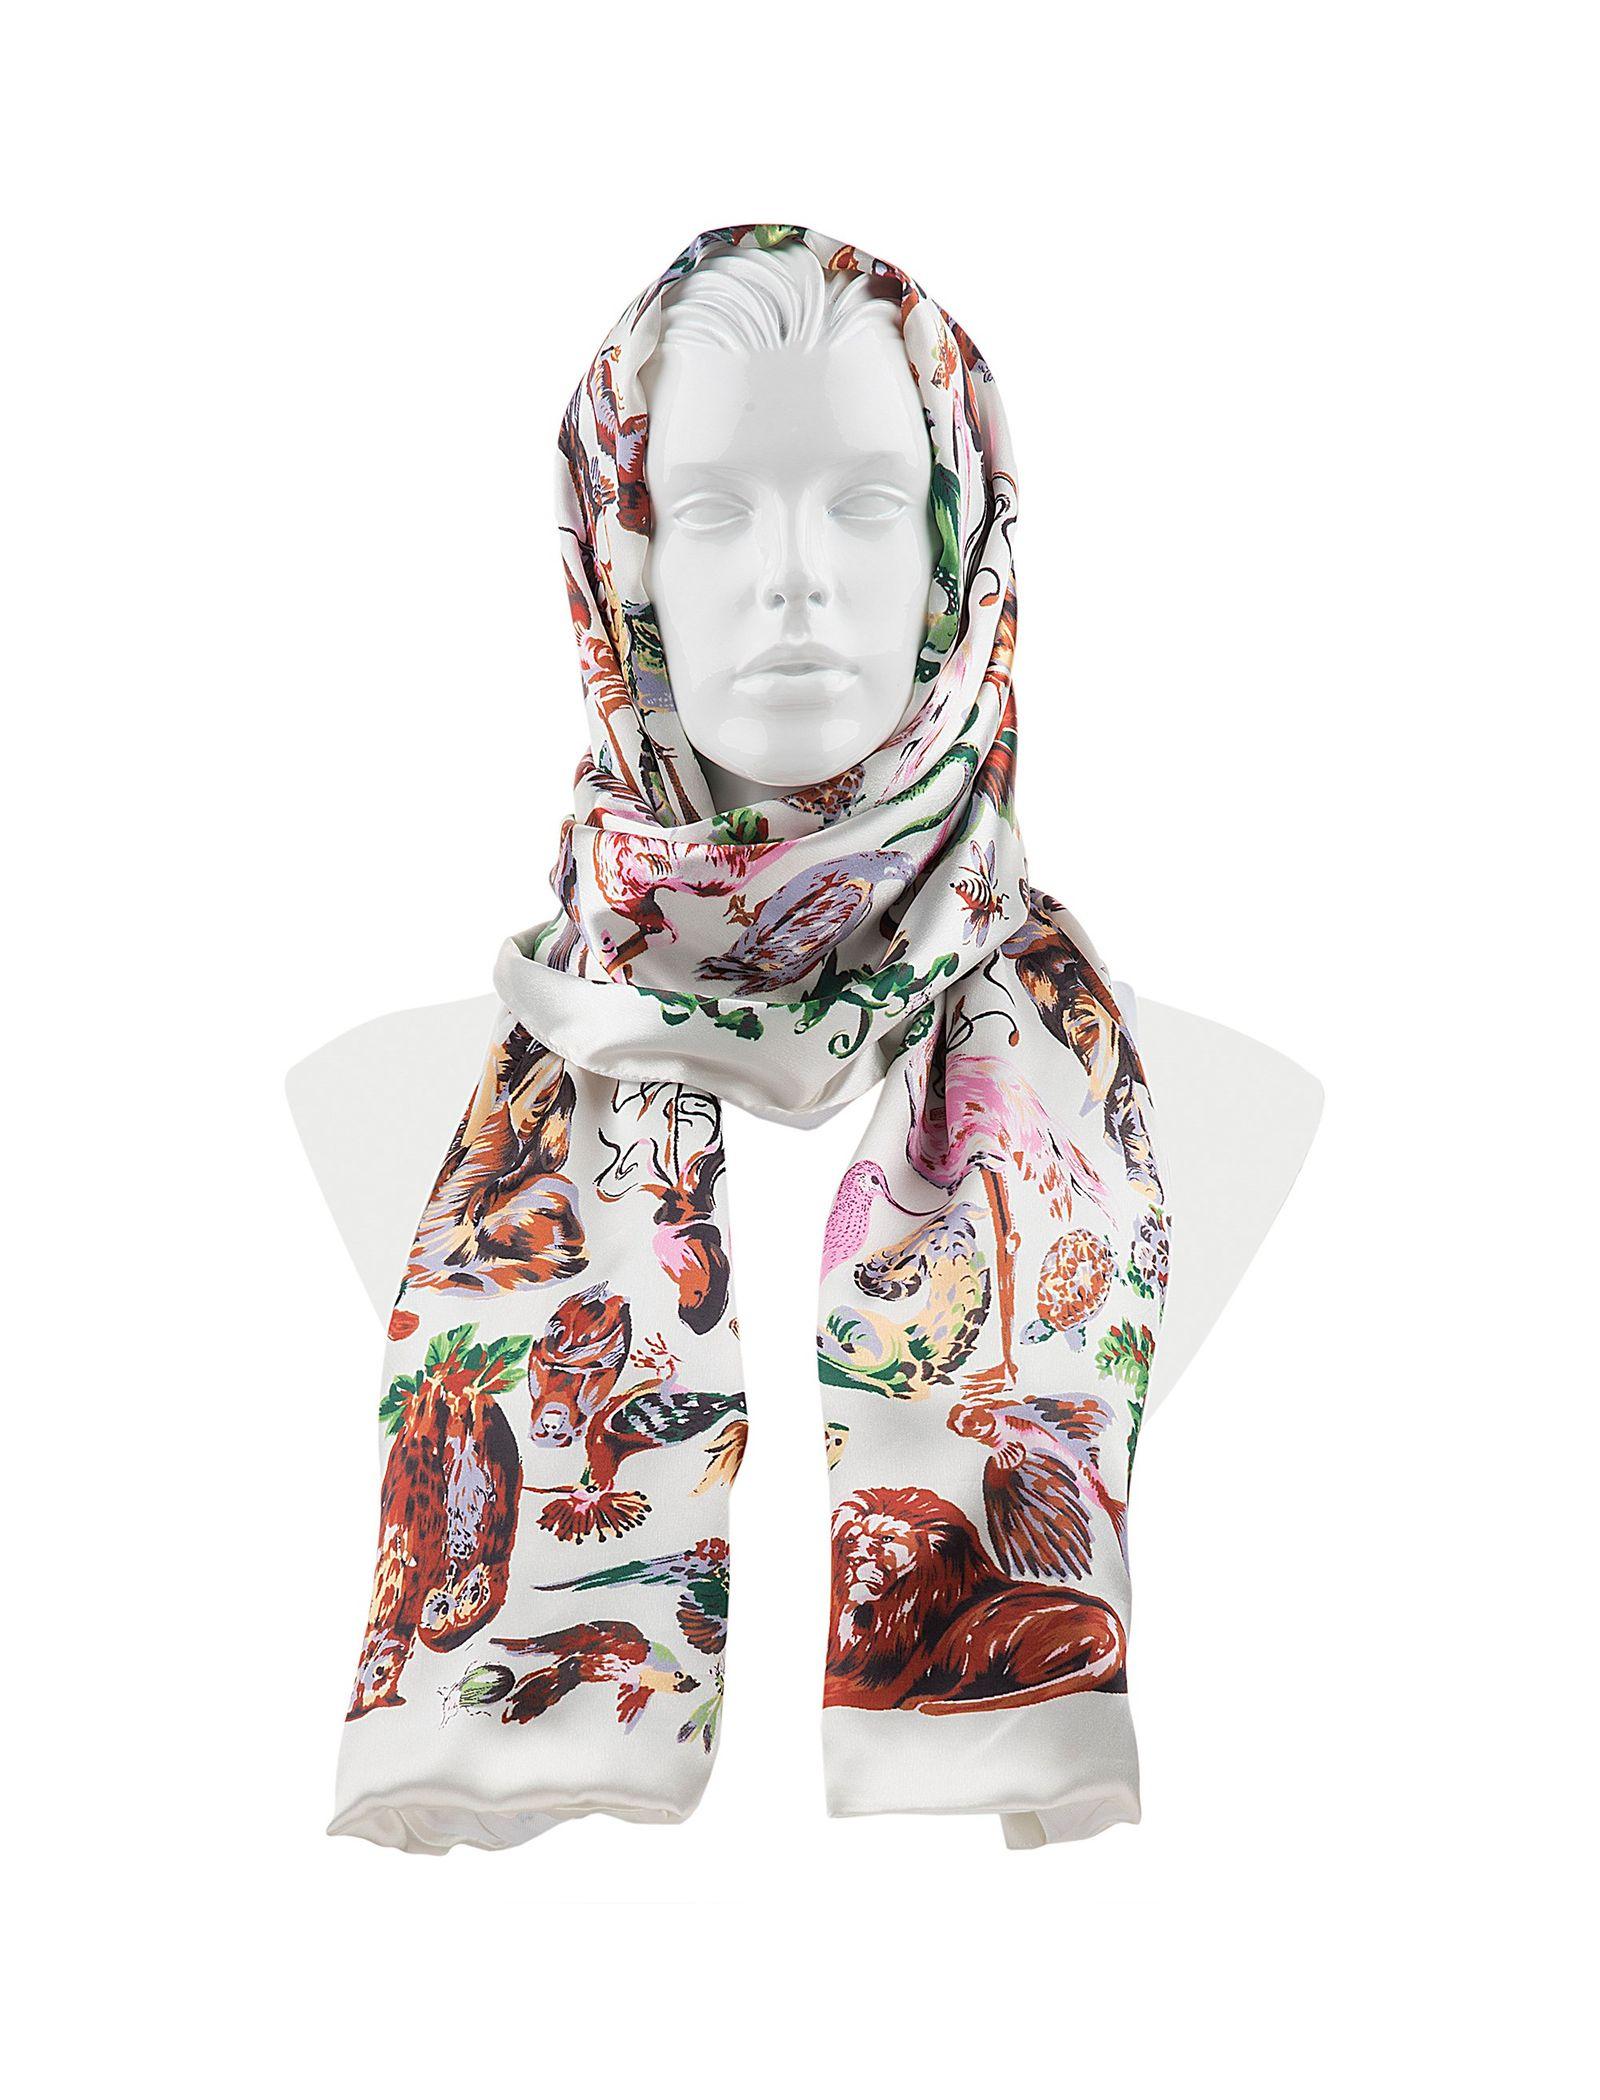 شال ابریشمی زنانه - رزتی - سفيد - 3